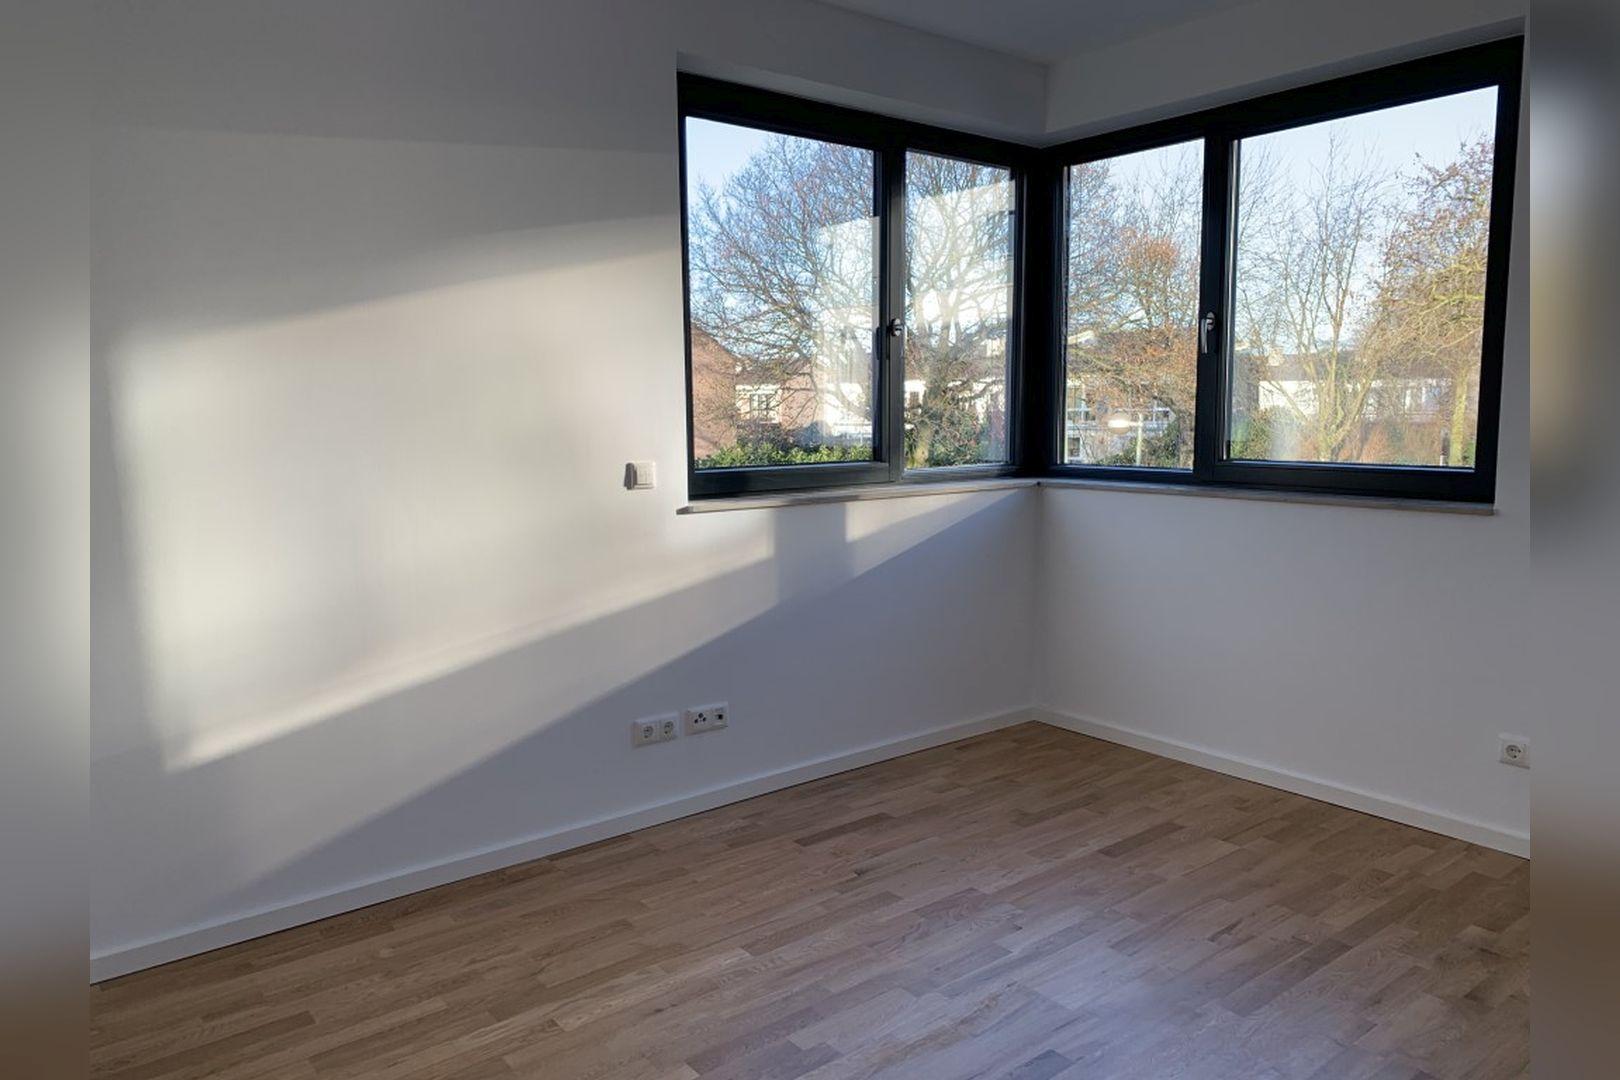 Immobilie Nr.0224 - Reihenendhaus mit kl. Garten u. 2 TG-Plätzen - Bild 7.jpg